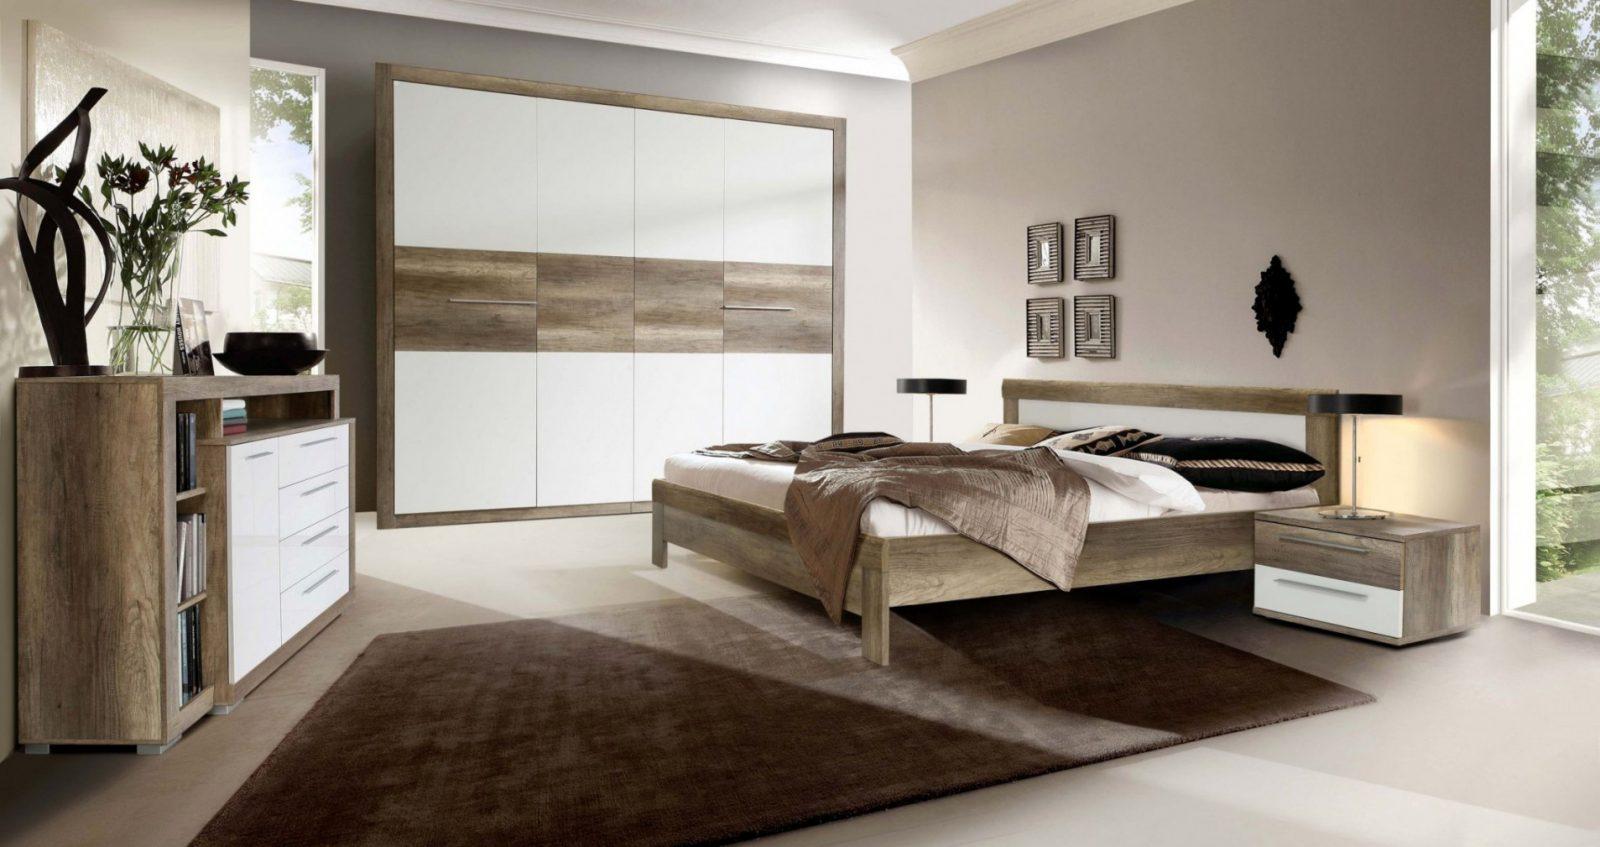 Wanddeko Schlafzimmer Moderne Ideen Und Inspirationen Deko von Moderne Schlafzimmer Ideen Bild